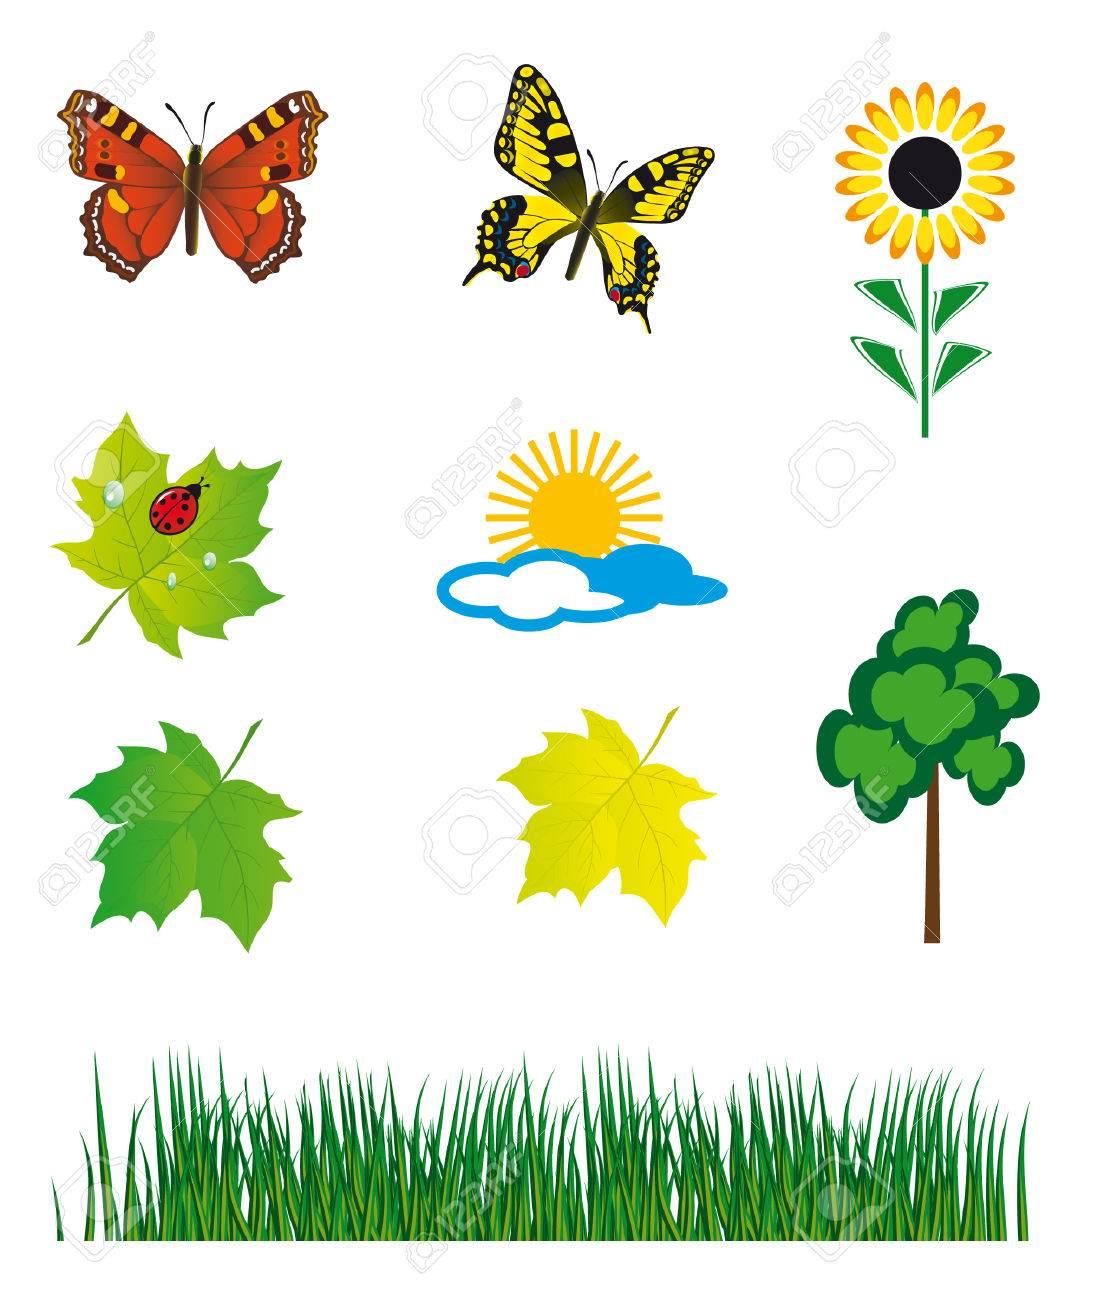 Set of natural elements for design. illustration Stock Vector - 8133642